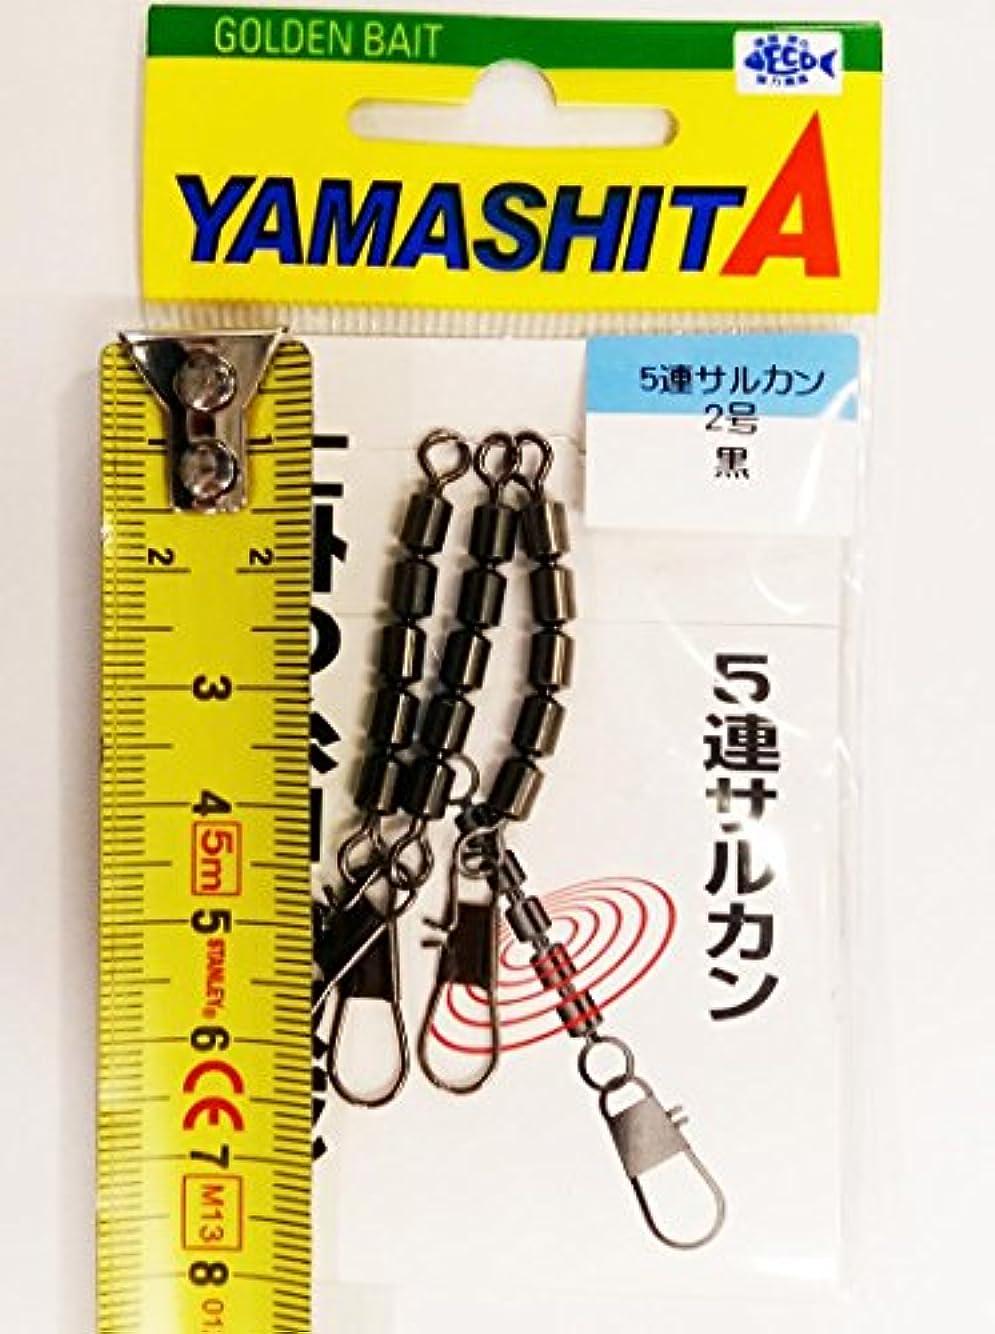 ヤマシタ(YAMASHITA) 5連サルカン 2号 3個入 ブラック 5S2B